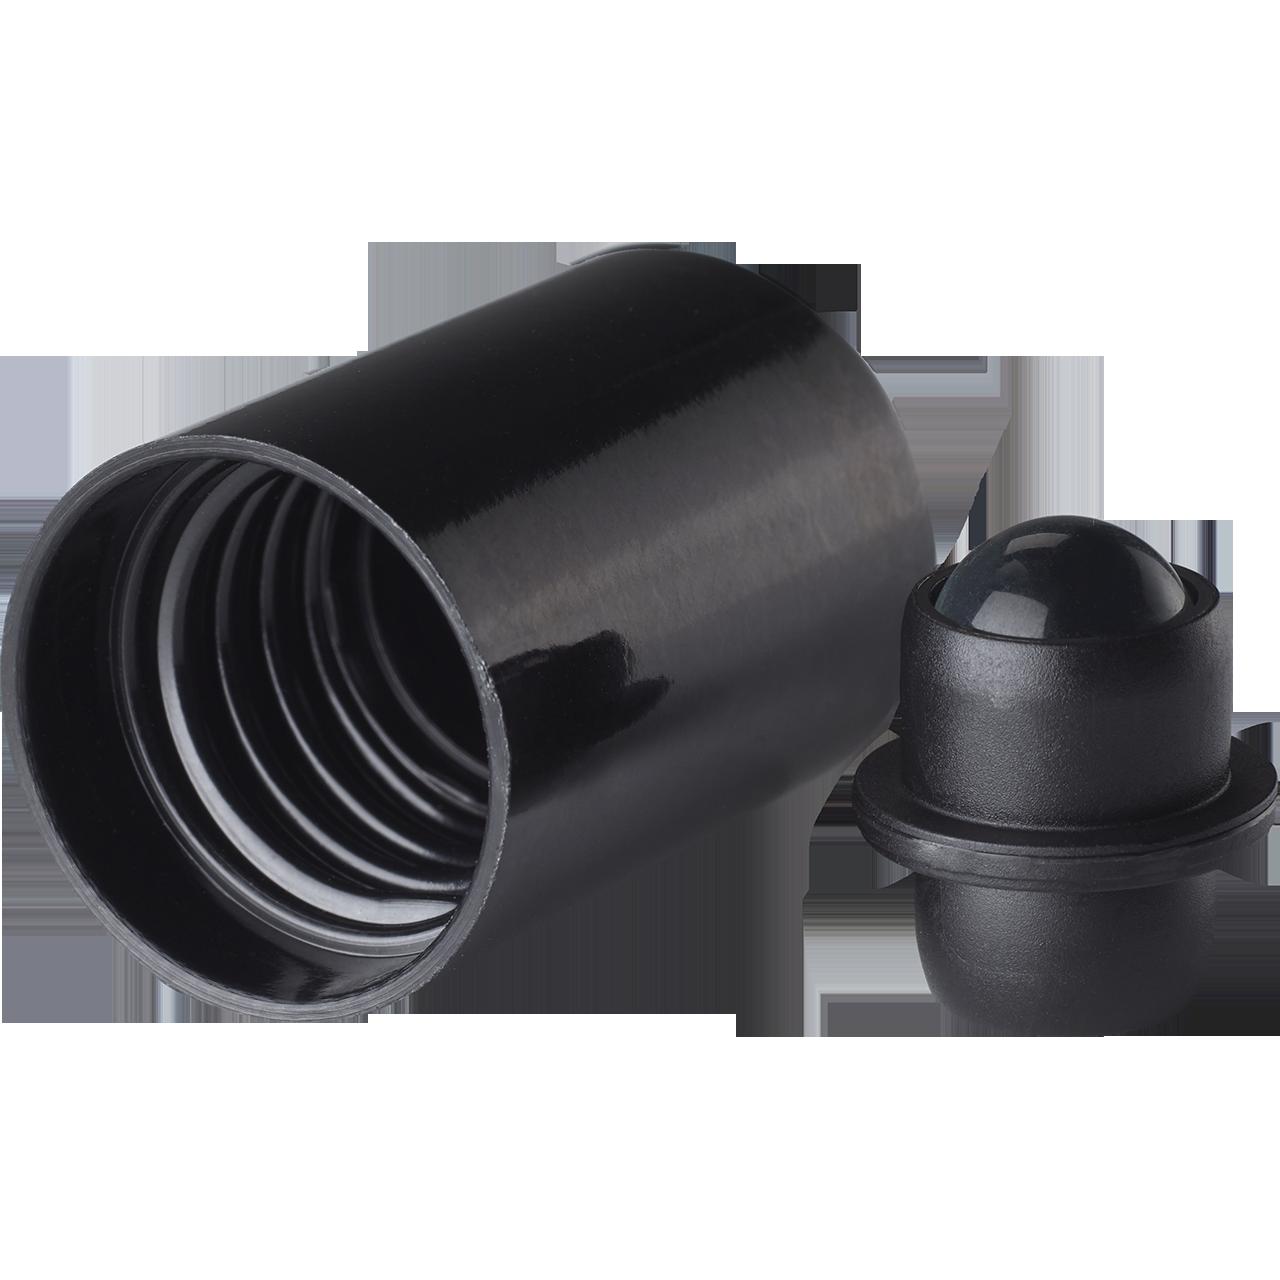 Roll-on, glass ball für Tropfenflaschen Orion 5 up tp 100 ml, 168/GL18, Schwarz/black fitment